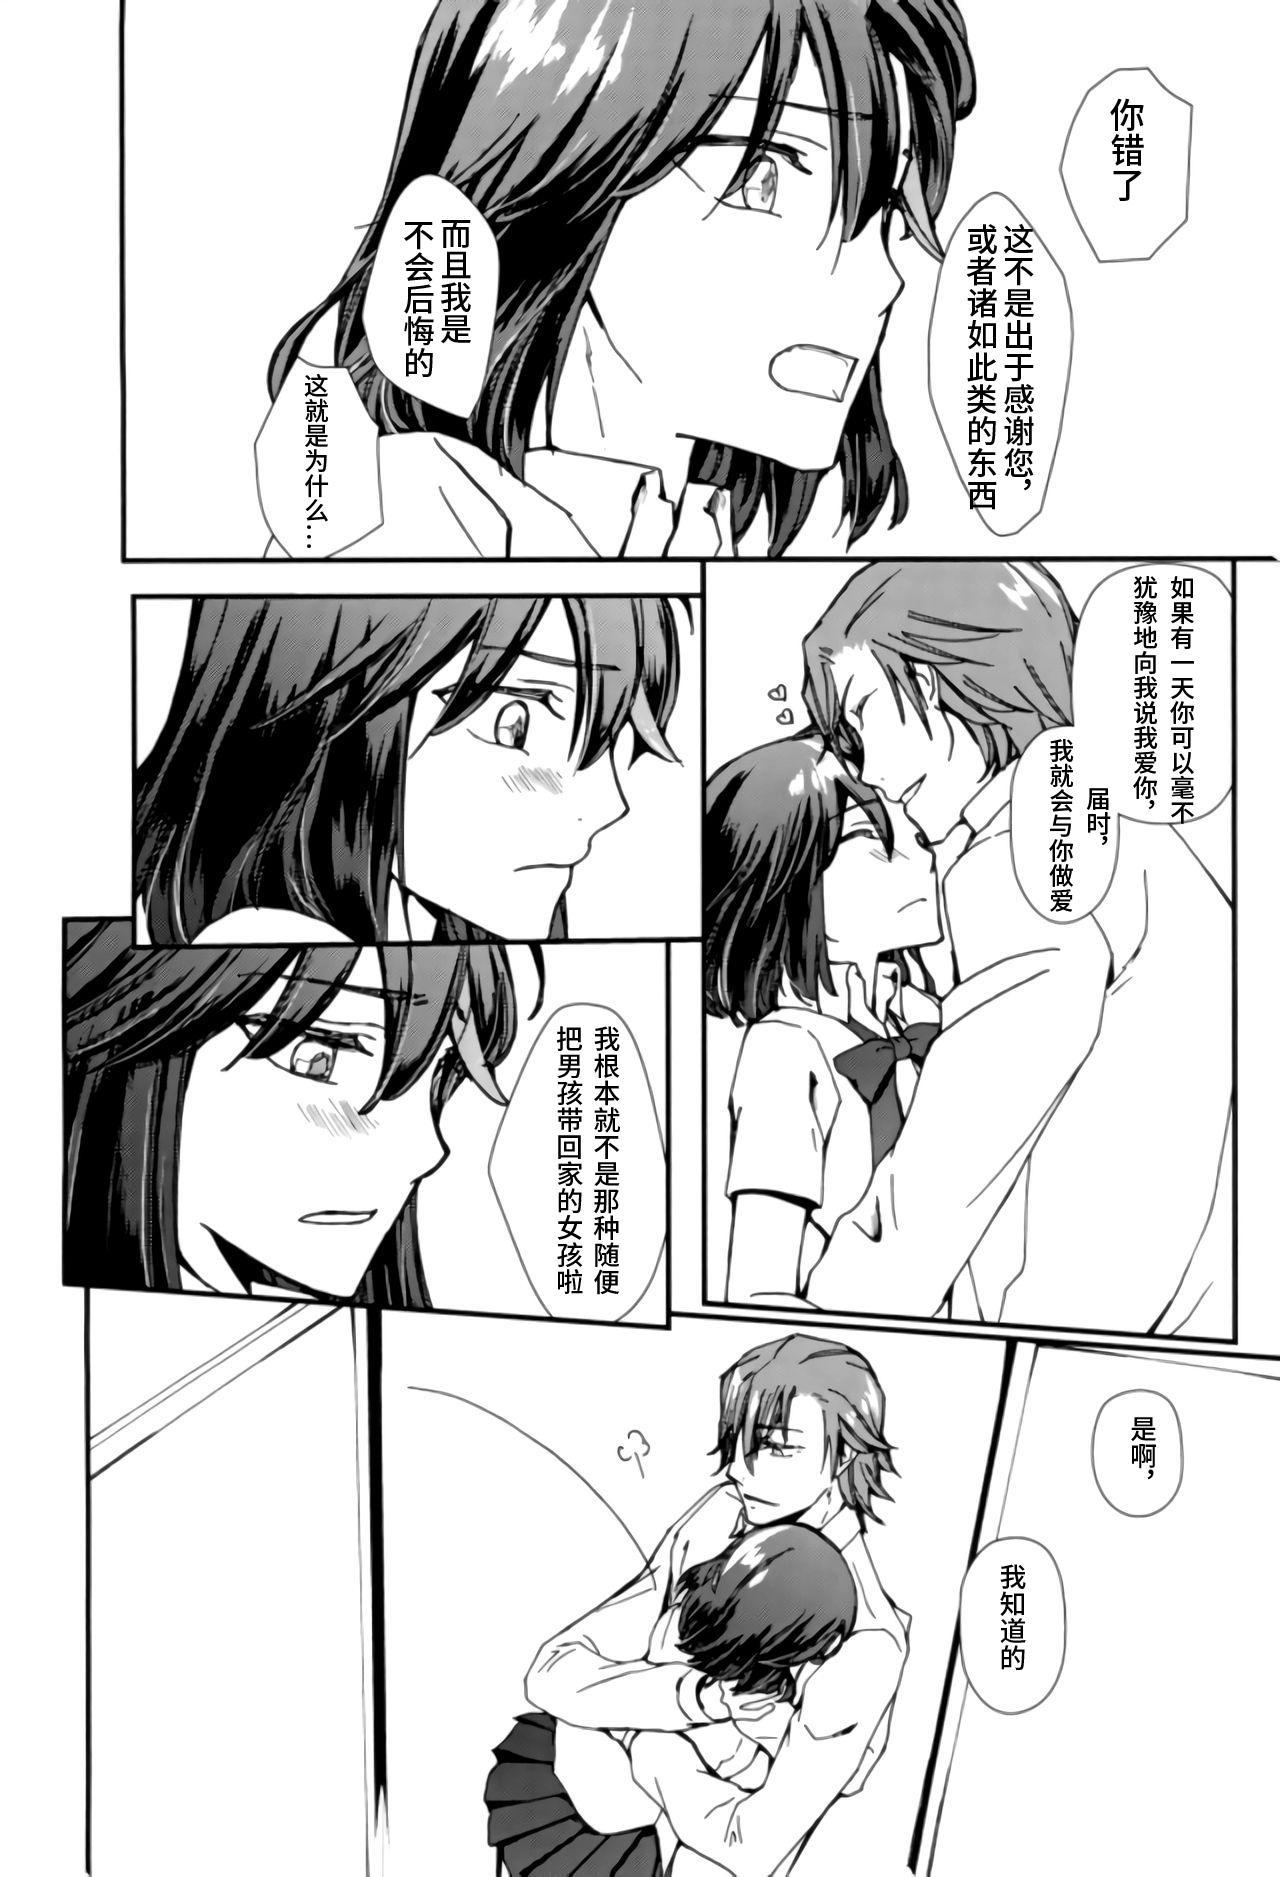 Sekai de Ichiban Kimi ga Suki 17